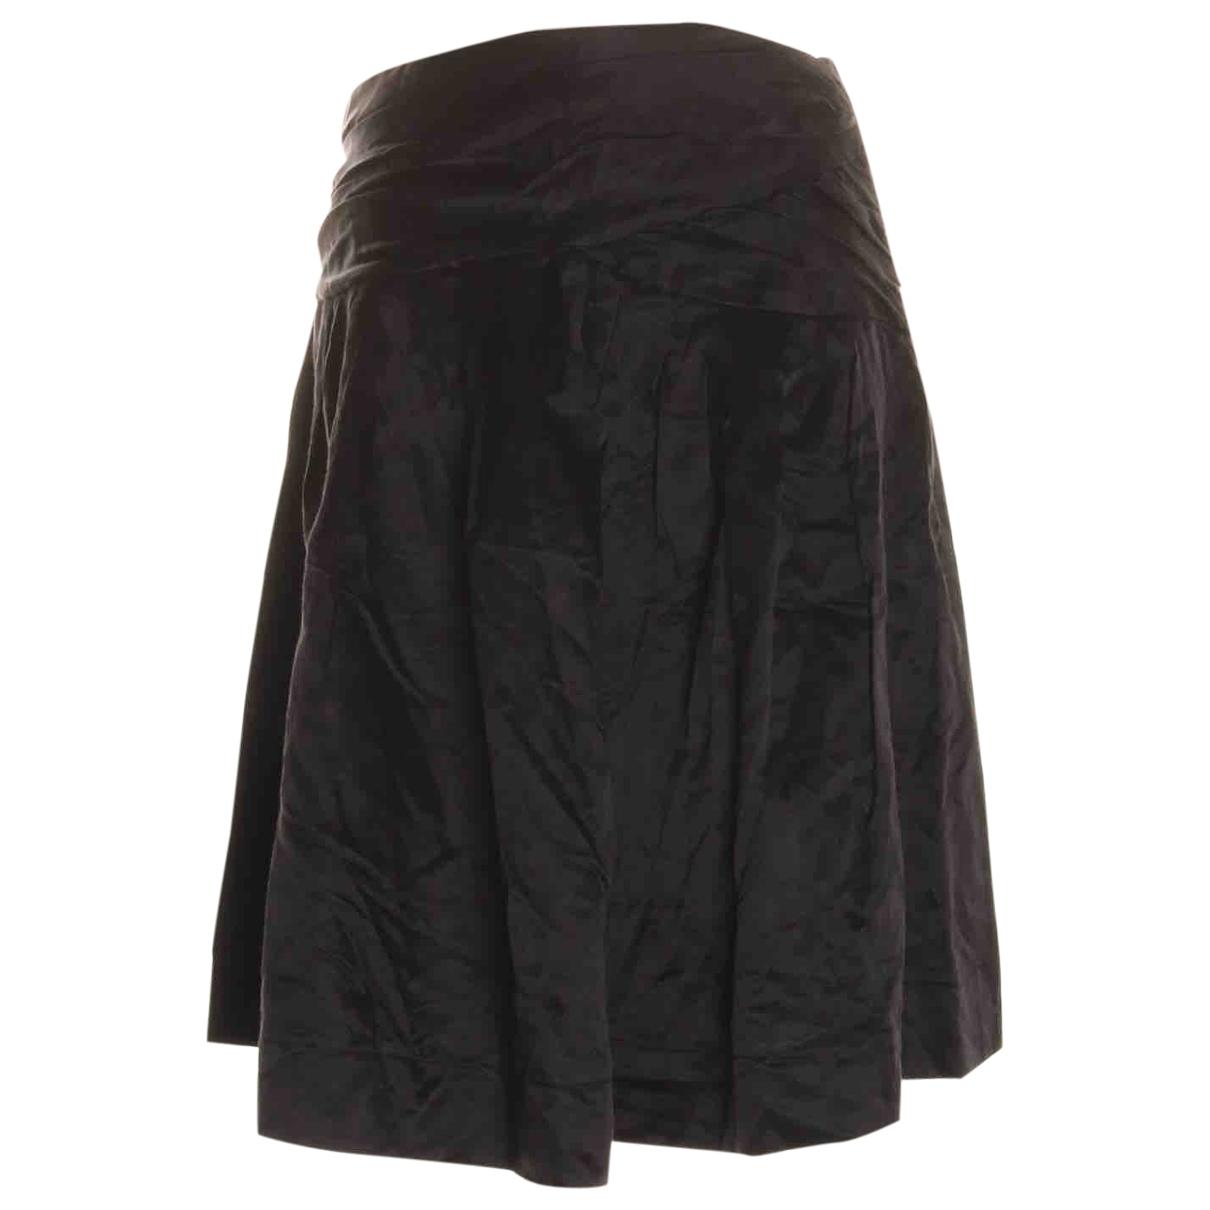 Maje \N Black Cotton skirt for Women 38 FR